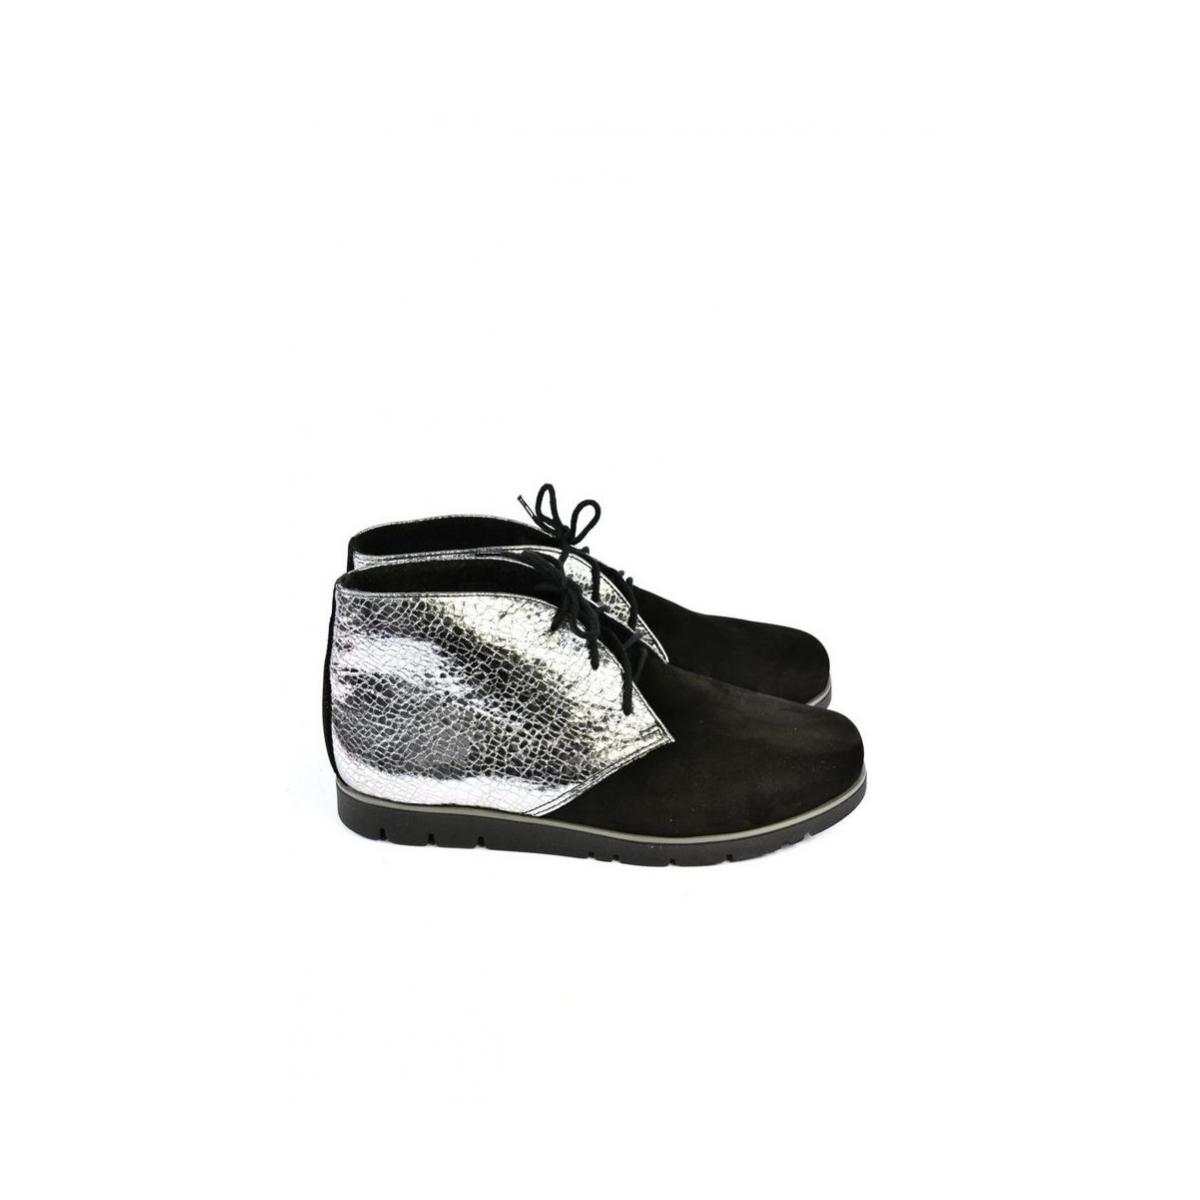 499ae9819074 Dámske čierno-strieborné kožené topánky ZEFIR - 6